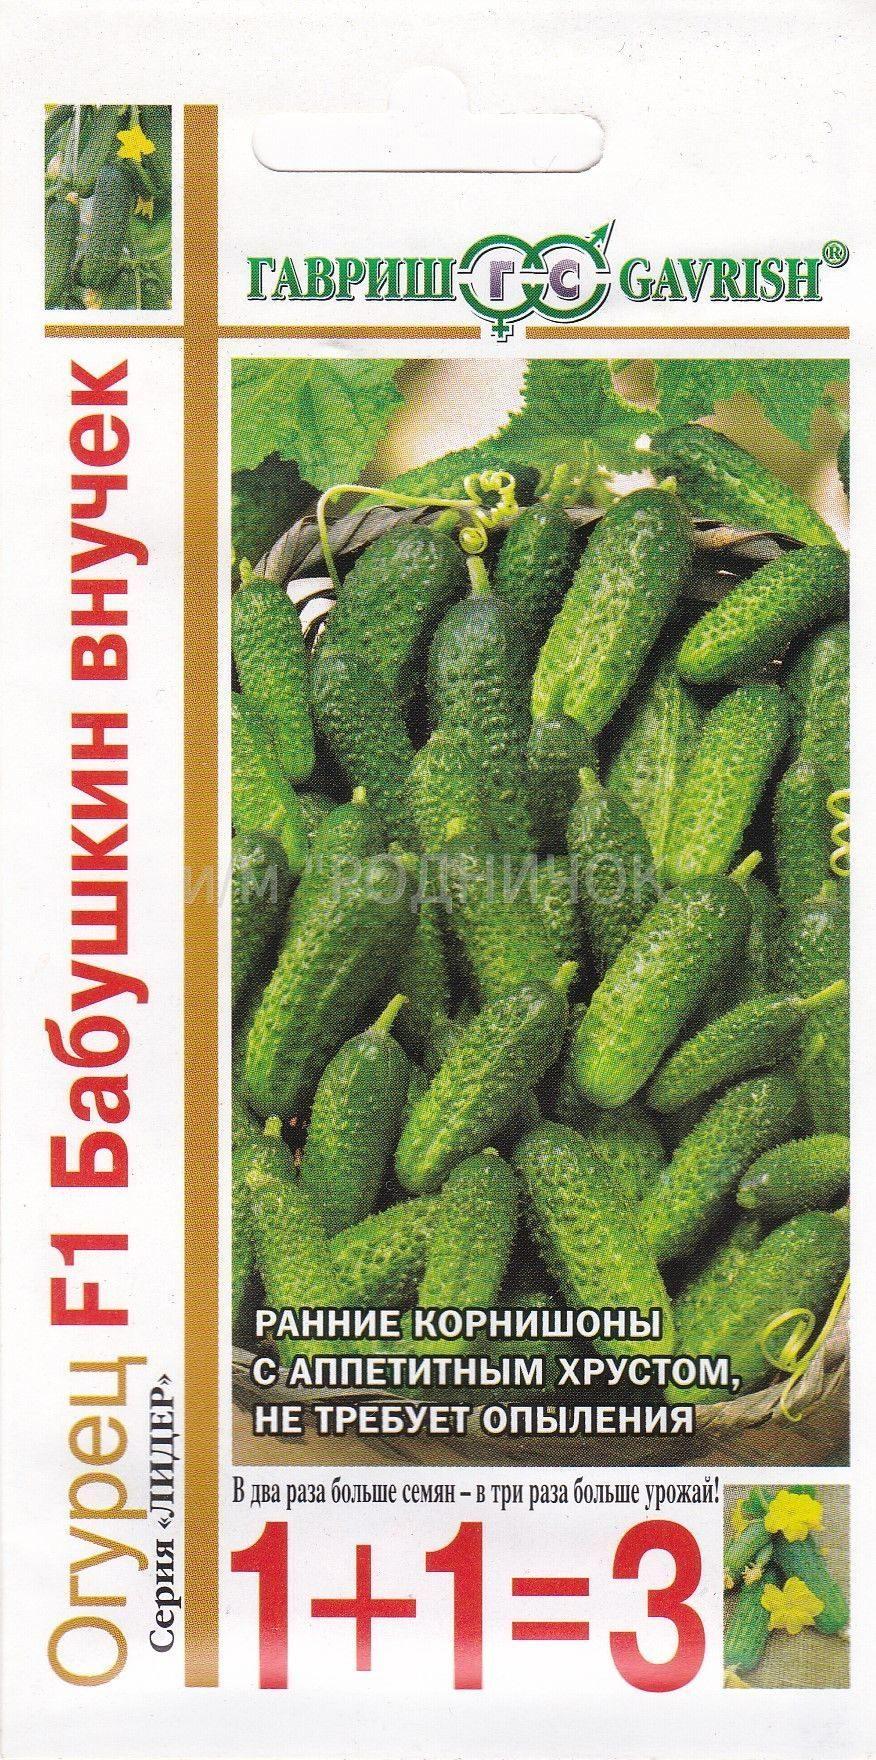 Огурцы внучок f1: отзывы, фото, описание высокоурожайного раннего сорта